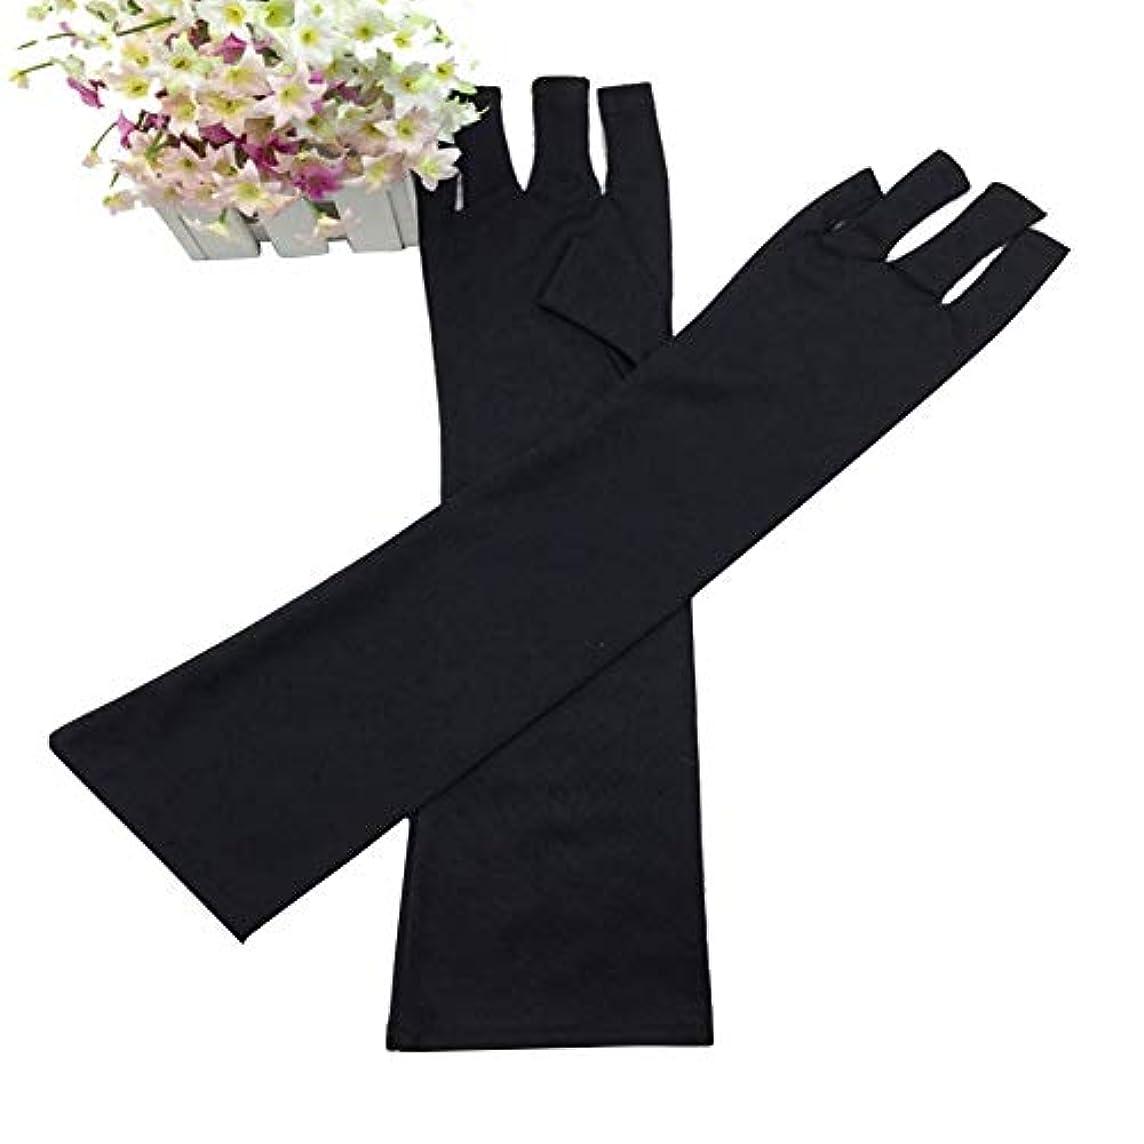 見えない探すポジティブslQinjiansavネイルアート&ツール手袋UV光ランプ放射線保護手袋ハンドレストマニキュアネイルアートツール - ブラック